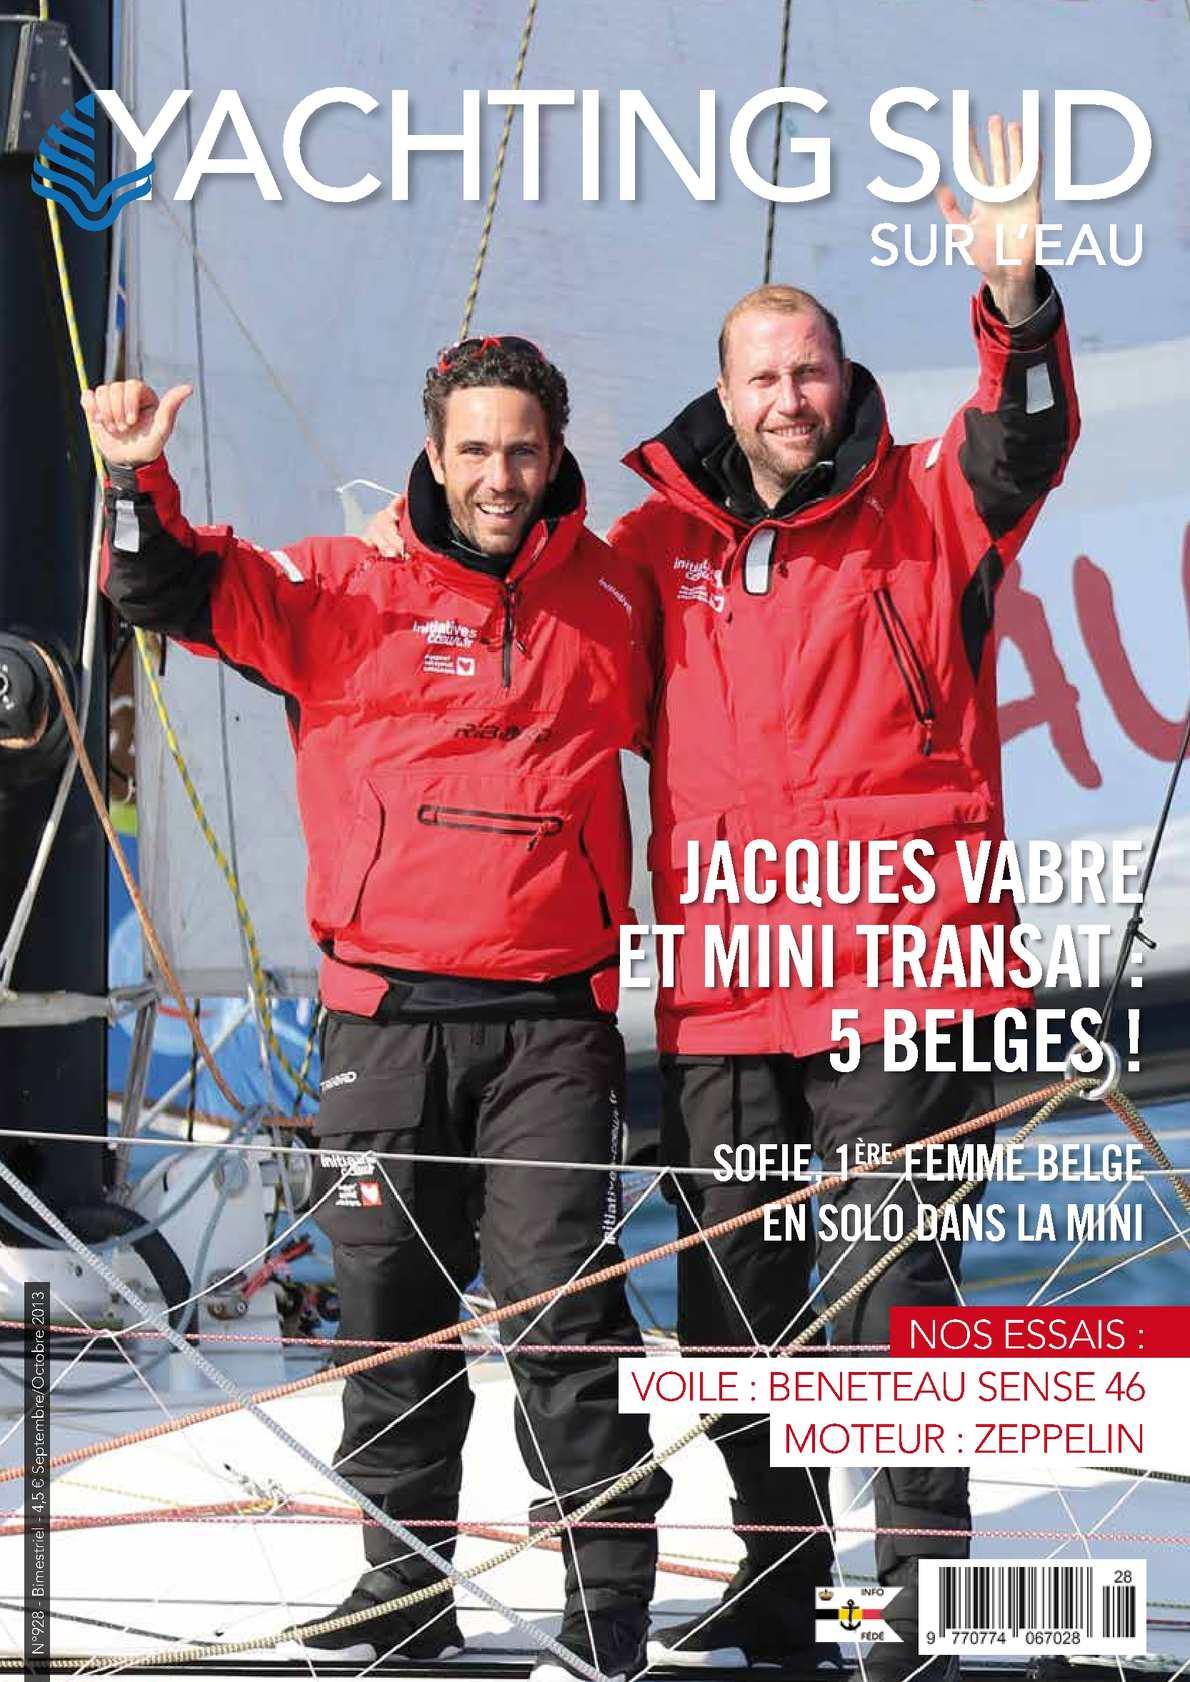 Yachting 928promoSept 2013 Calaméo L'eau Sud Sur octobre OXwPk8Nn0Z